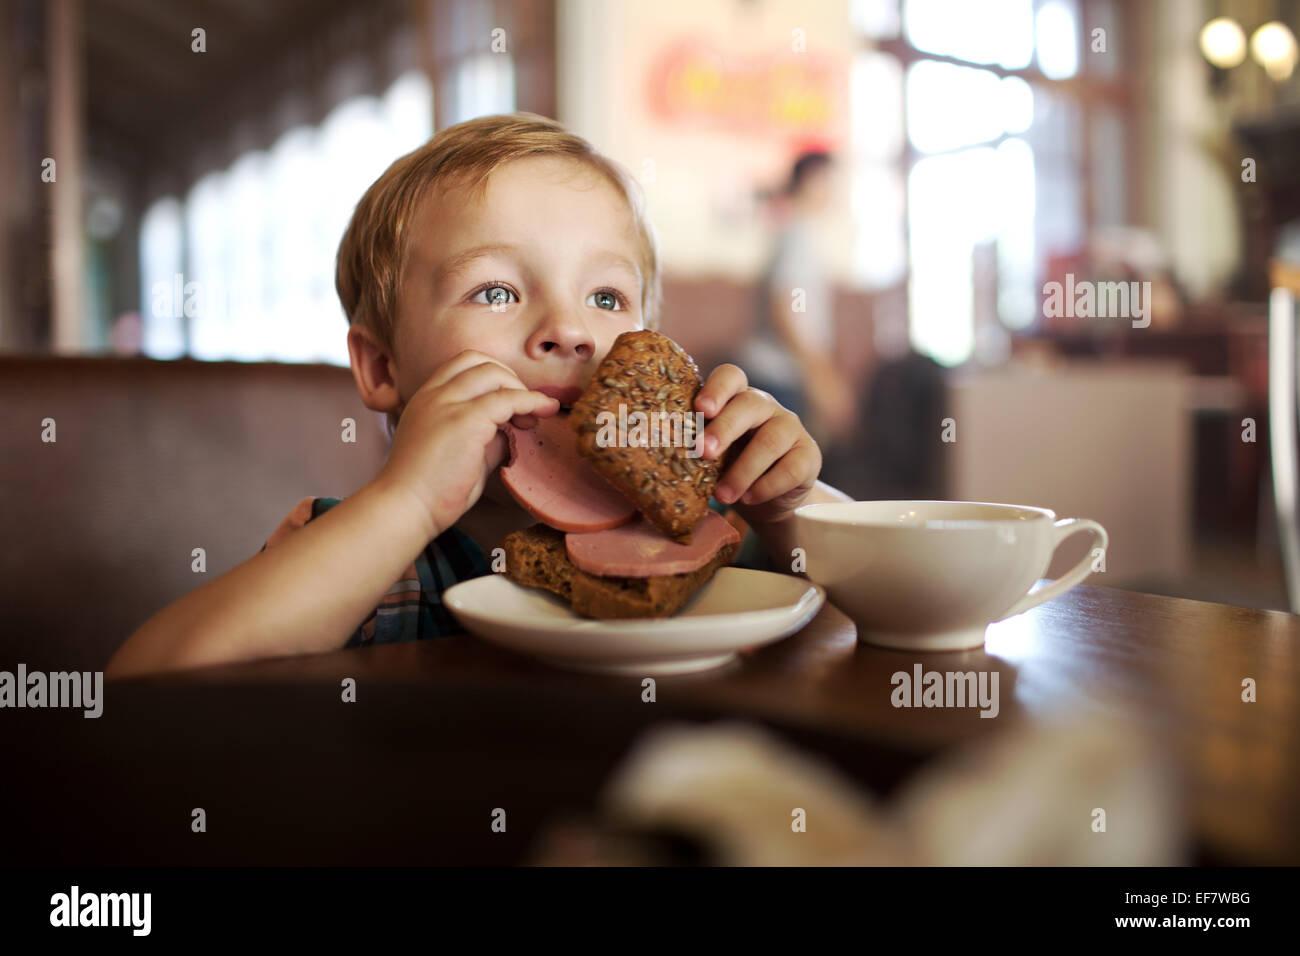 Niño pequeño almuerzo con café y té en sándwich Imagen De Stock